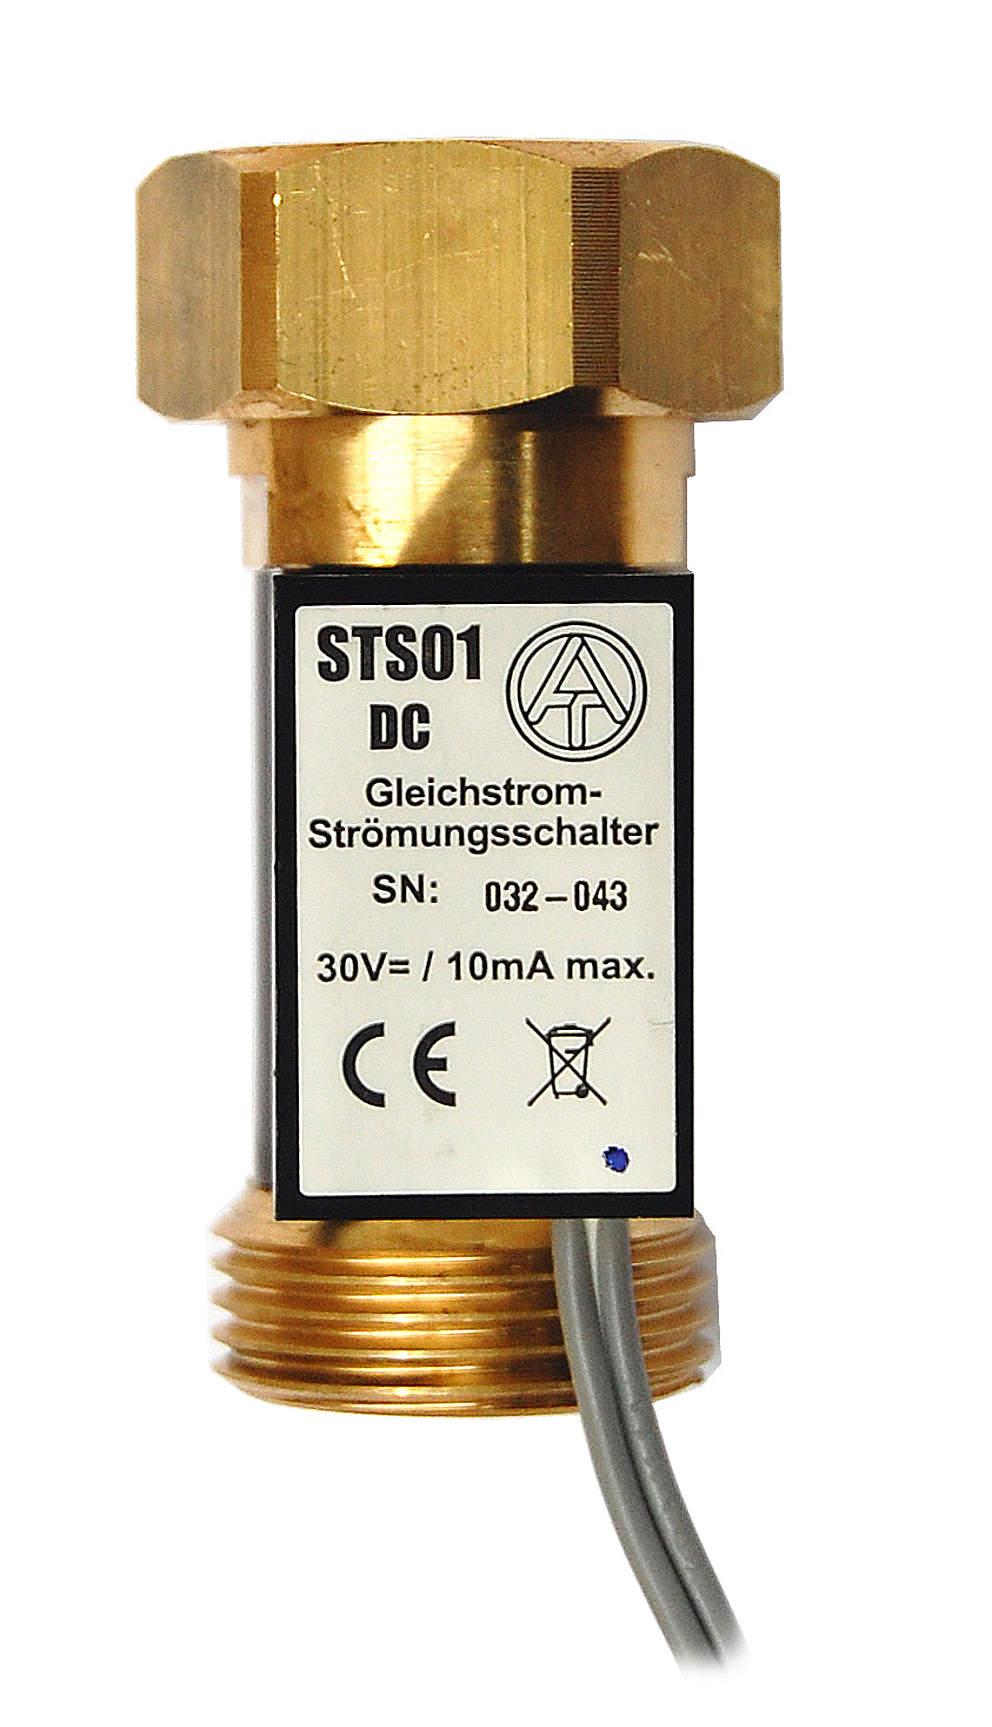 """TA Strömungsschalter STS01DC, 3/4"""" Überwurfmutter x 3/4"""" AG, Gleichstromversion als Signalgeber an üblichen Regeleingängen bis 30 V max. 10 mA"""